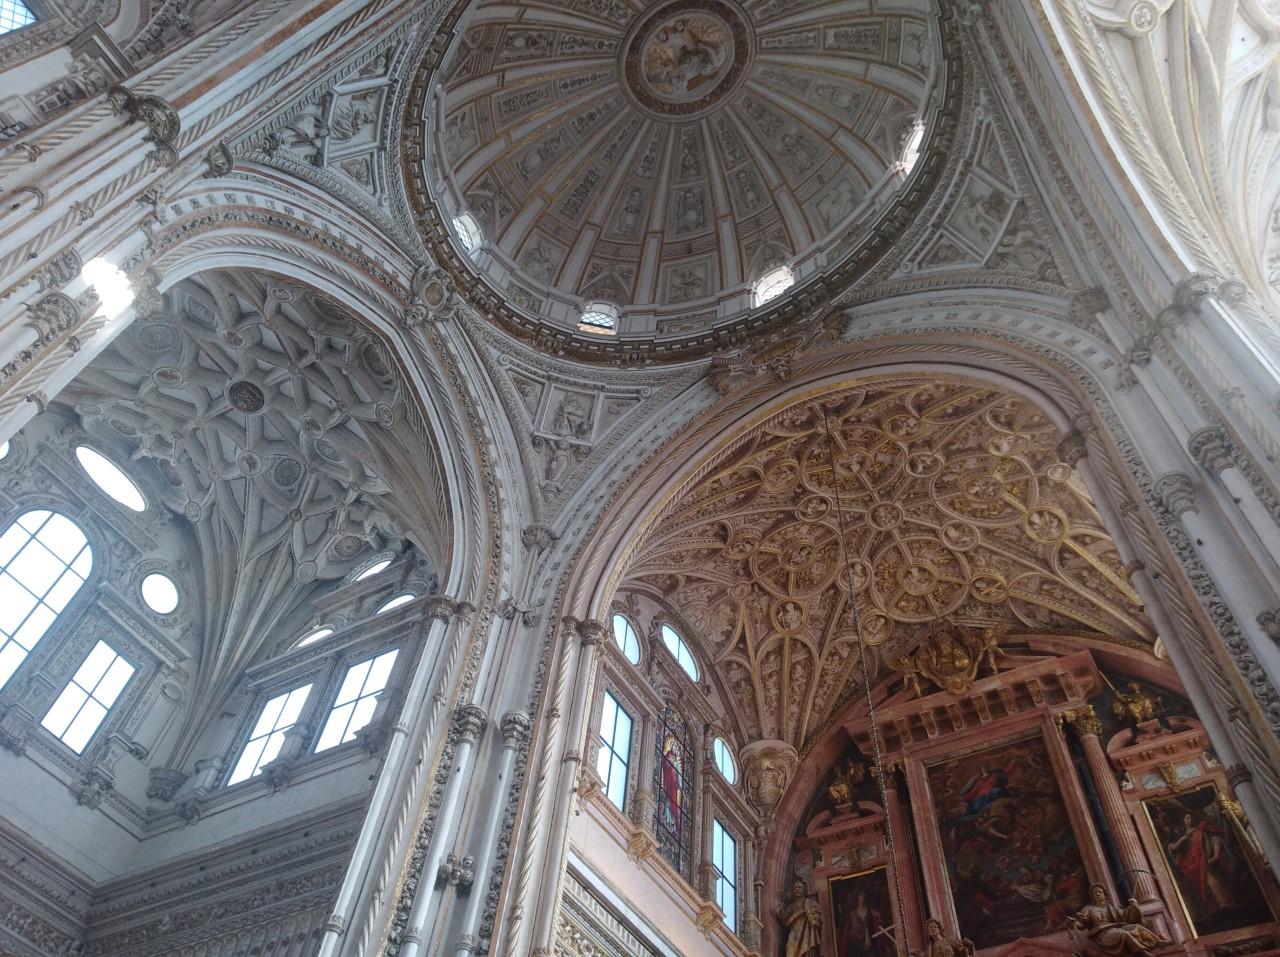 Il fascino di Cordoba e della sua grande moschea-cattedrale – Luigi Angelino